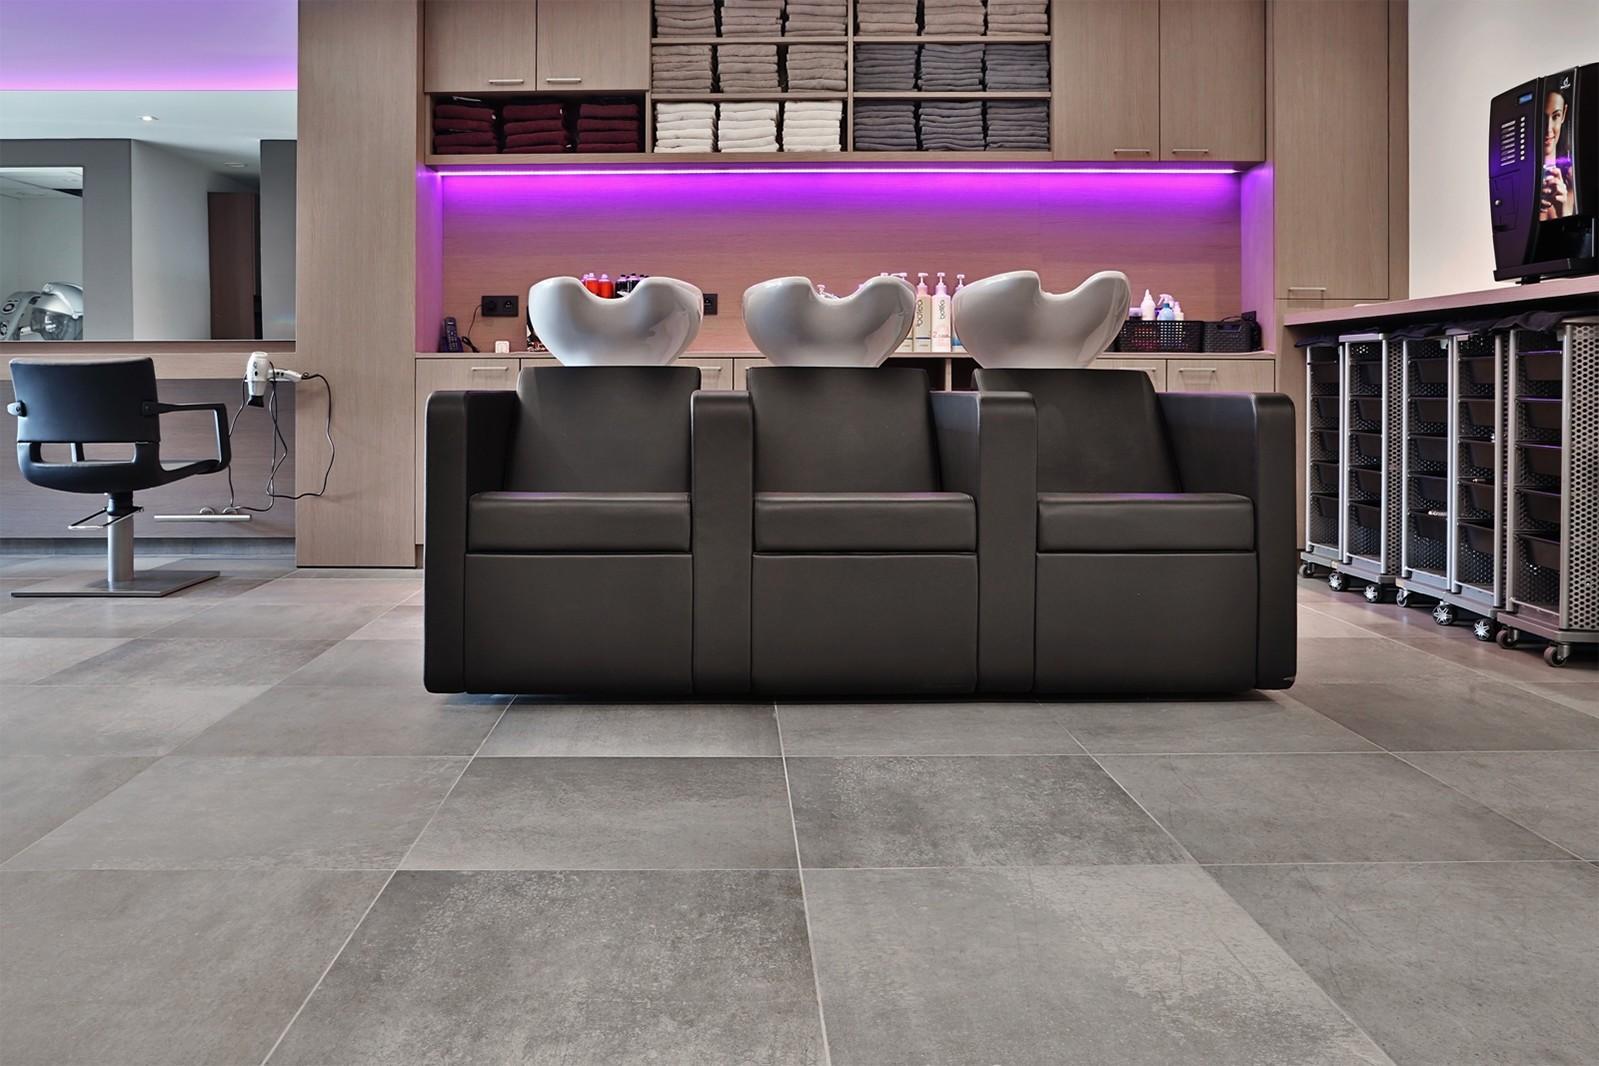 Sphinx Tegels Prijzen : Sphinx basilique antracit 60 x 60 online kopen luxury floors